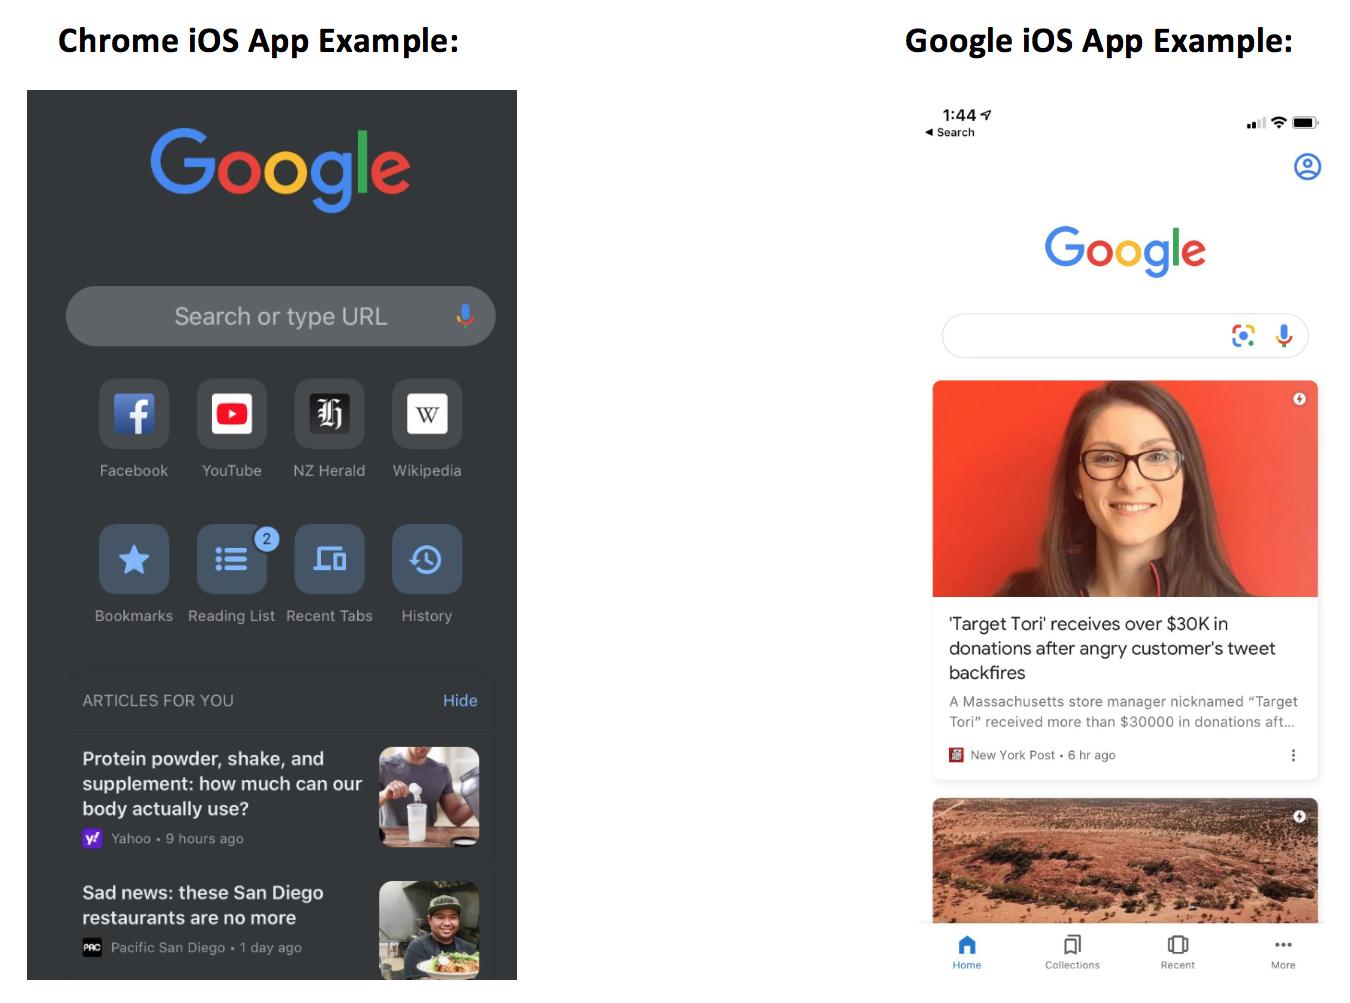 كيف أقوم بتوليد زوار من Google دون تحسين محركات البحث أو الإعلانات 2